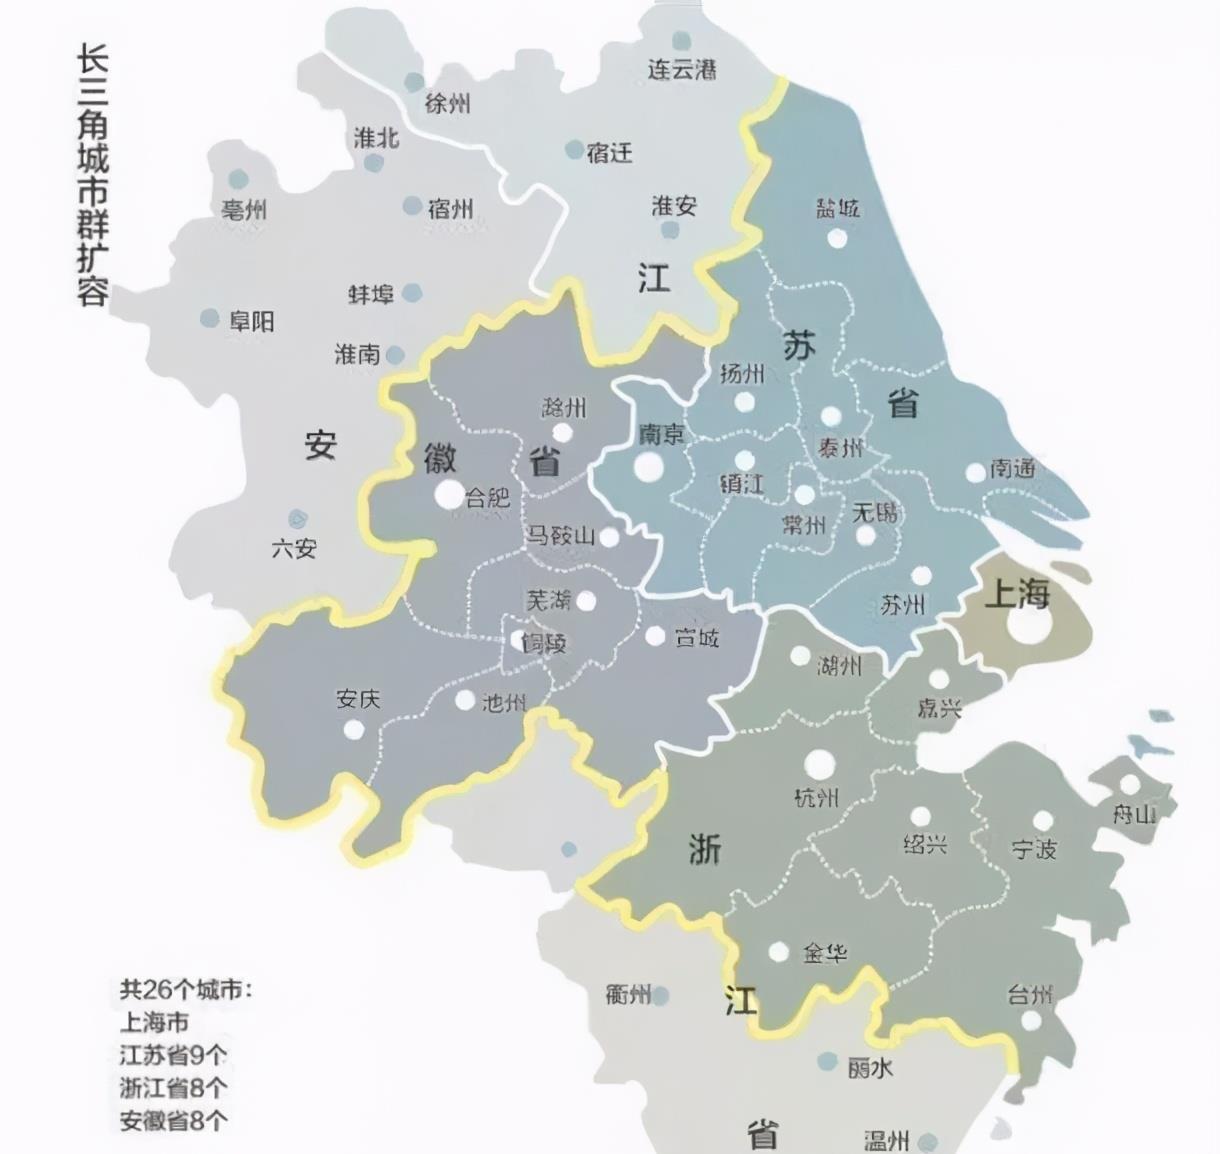 中國第一大城市群:GDP總量達20萬億,超過全球99%的國傢!-圖2